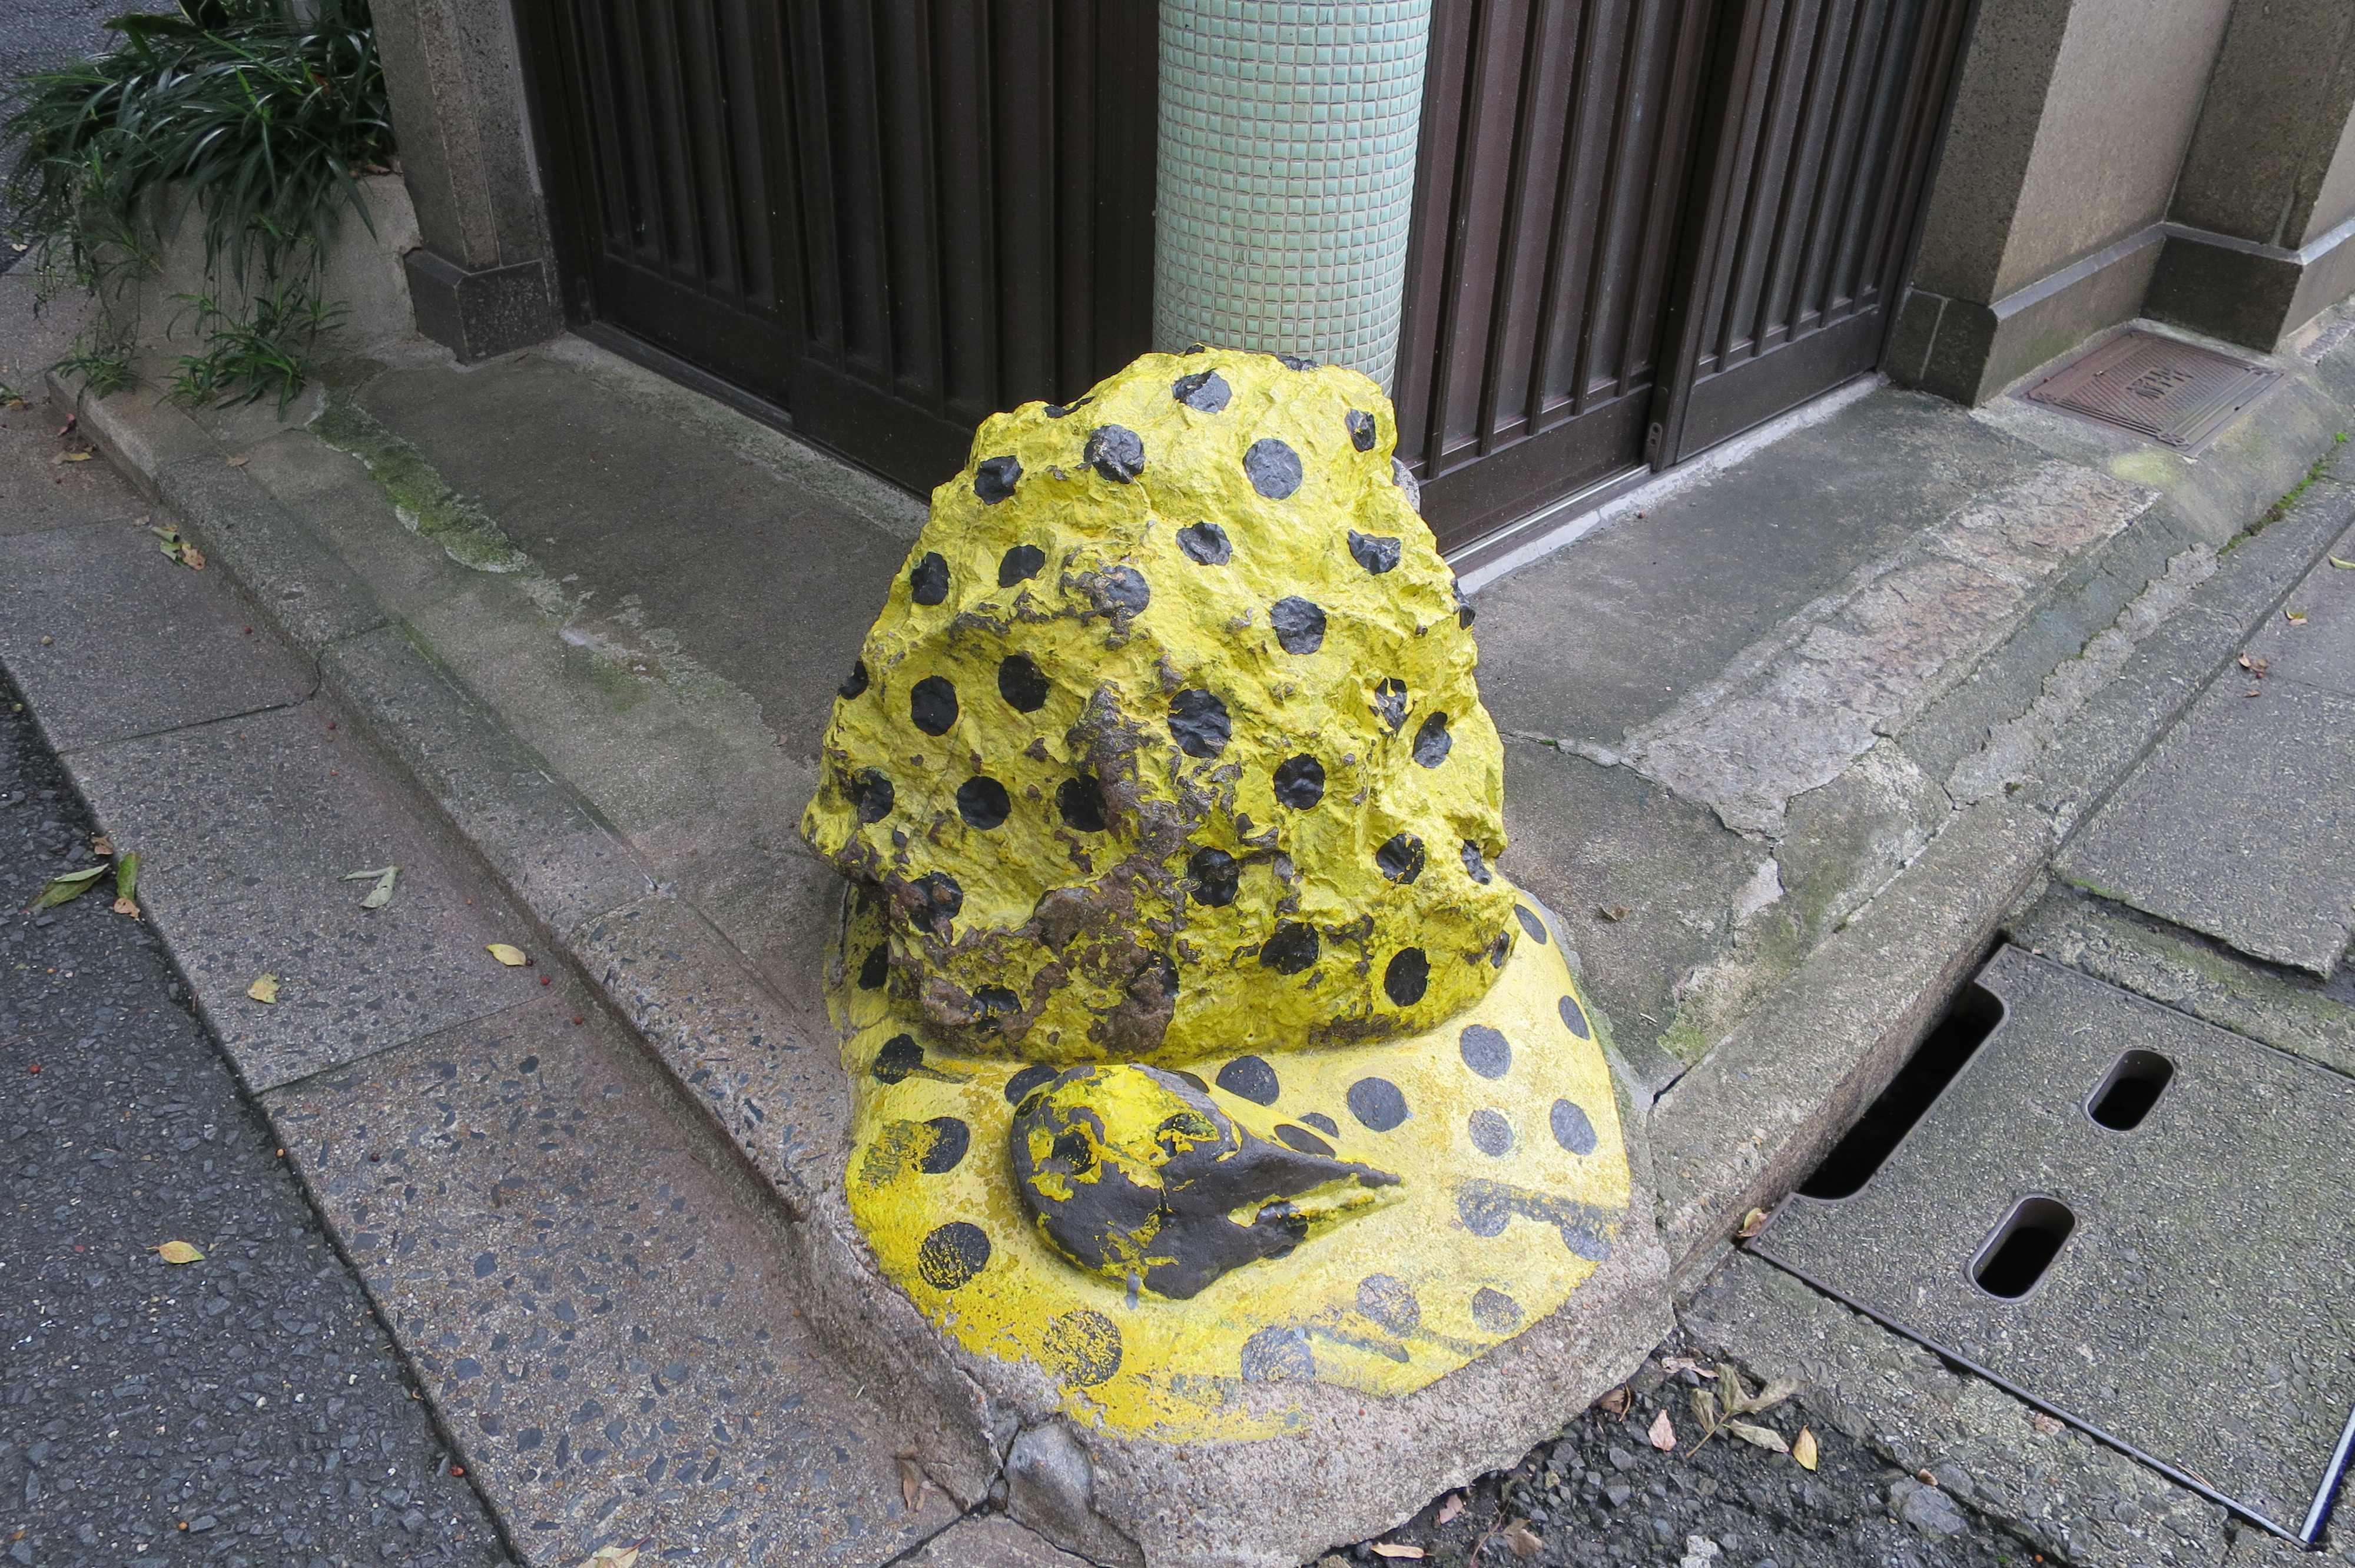 京都・五条楽園 - 水色の豆タイル装飾の柱と黄色と黒のガードレール代りの石